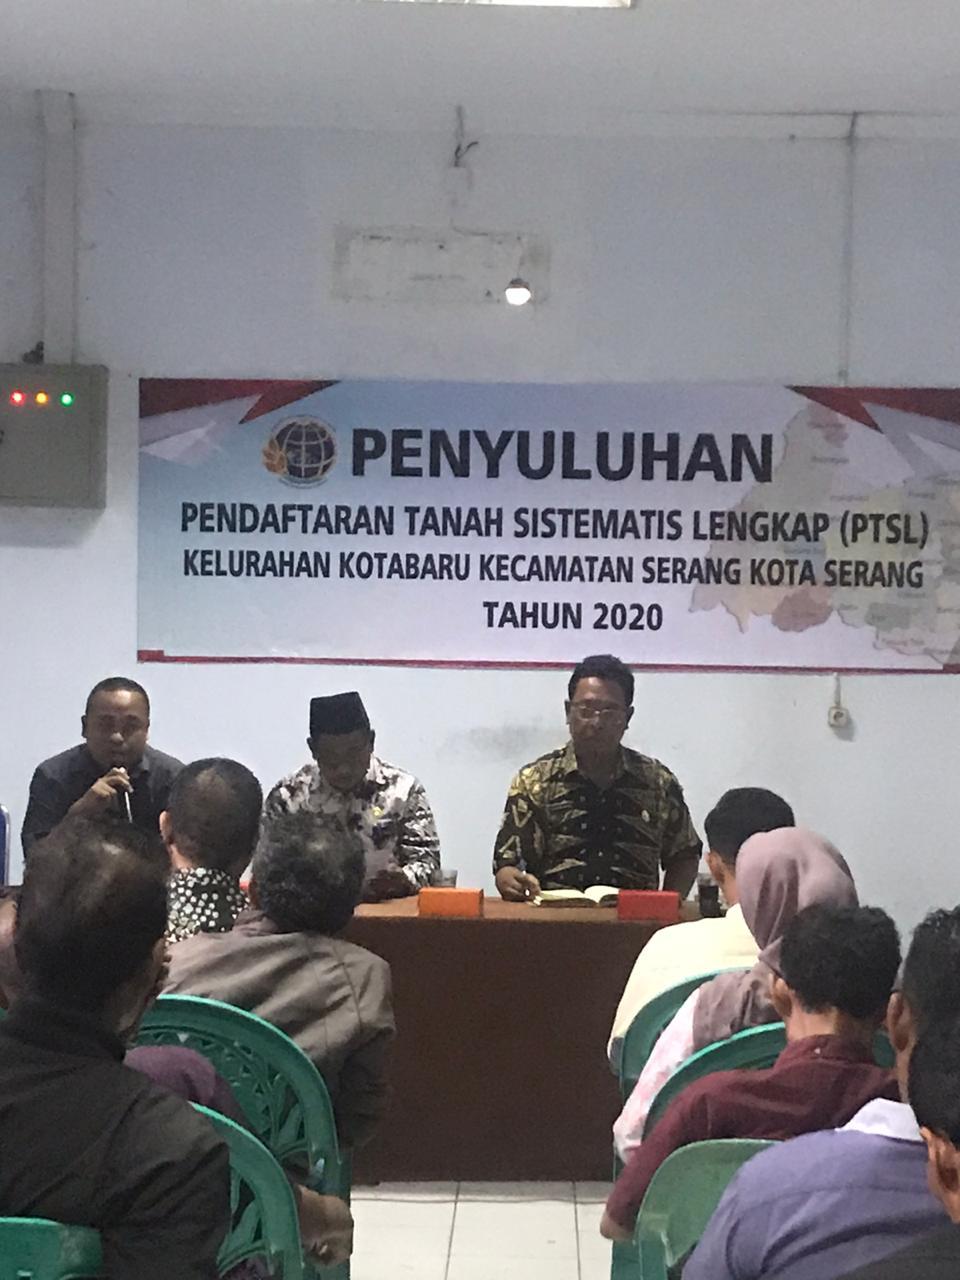 Penyuluhan Pendaftaran Tanah Sistematis Lengkap Kelurahan Kotabaru Kecamatan Serang Tahun 2020